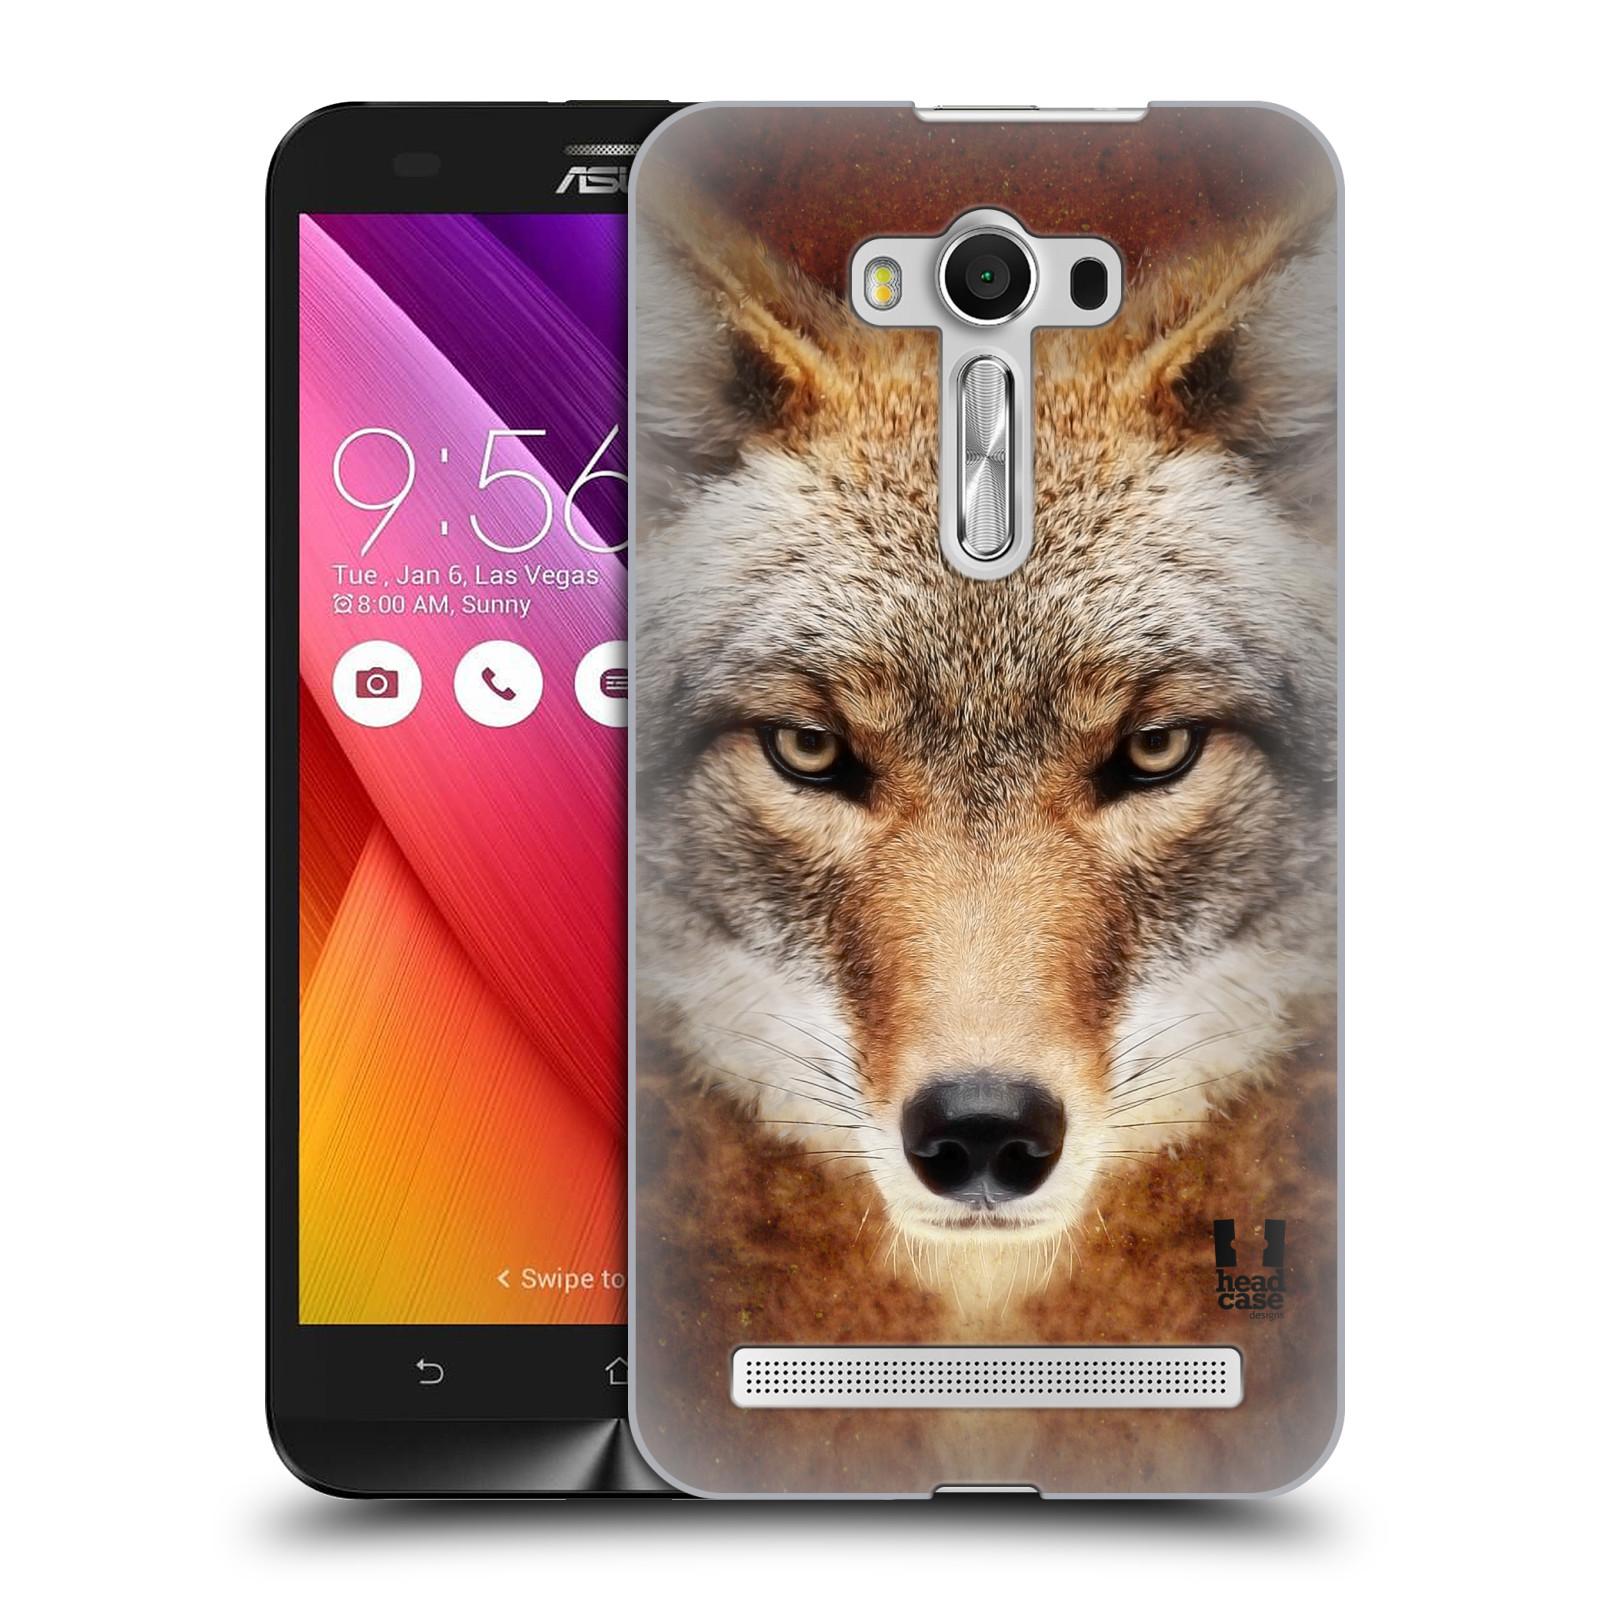 HEAD CASE plastový obal na mobil Asus Zenfone 2 LASER (5,5 displej ZE550KL) vzor Zvířecí tváře kojot